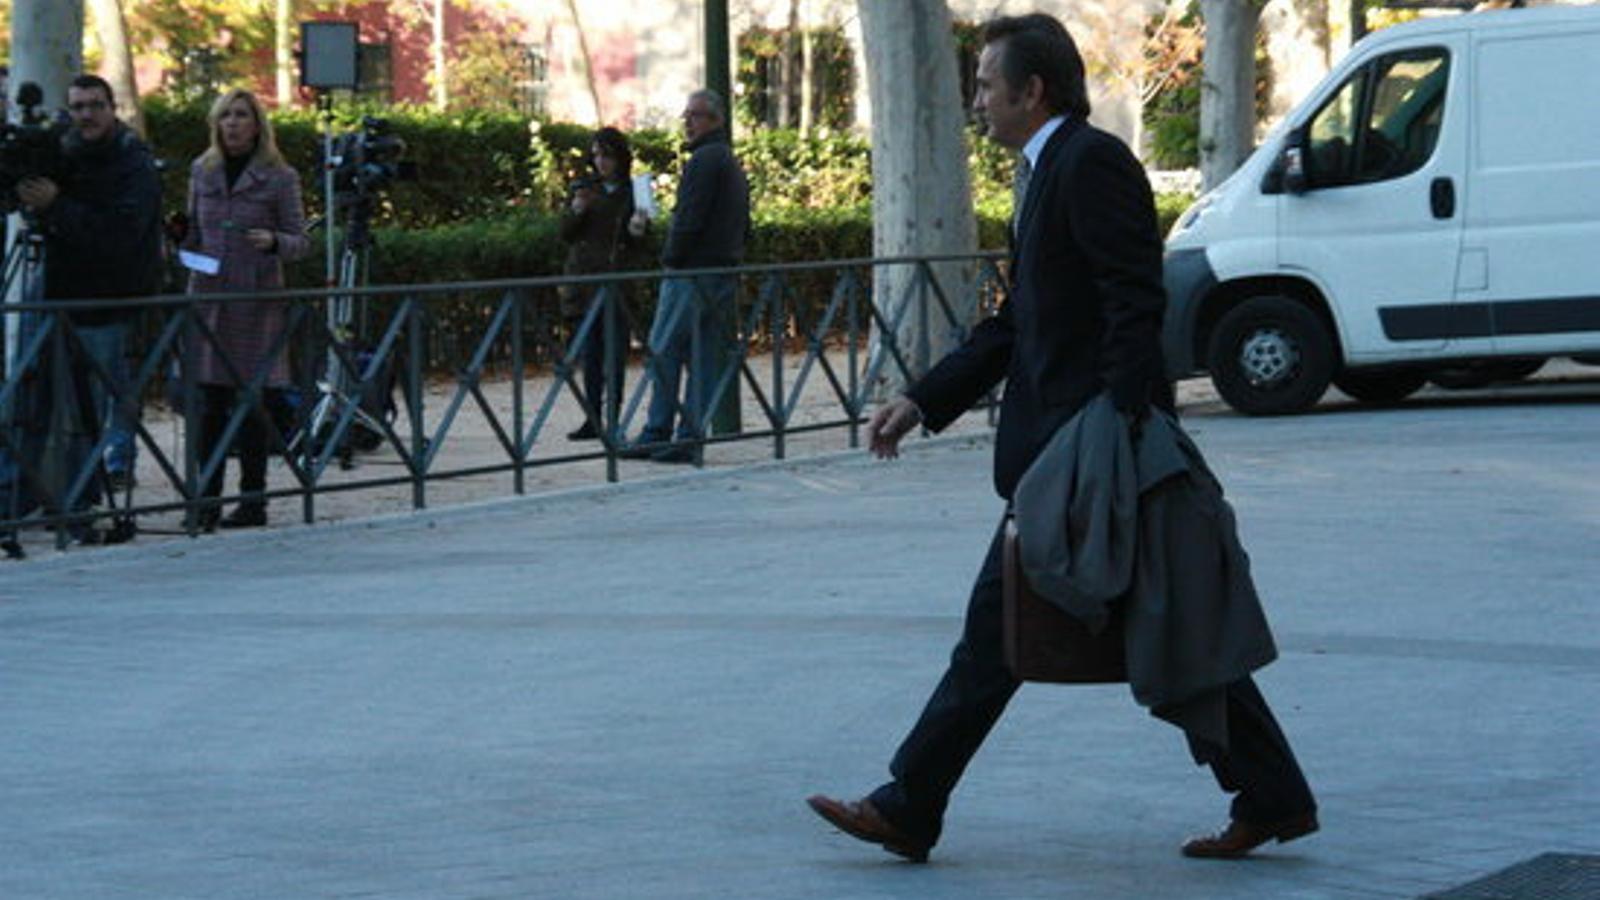 La Policia Nacional localitza 1,2 milions d'euros d'origen desconegut de Josep Pujol a Andorra